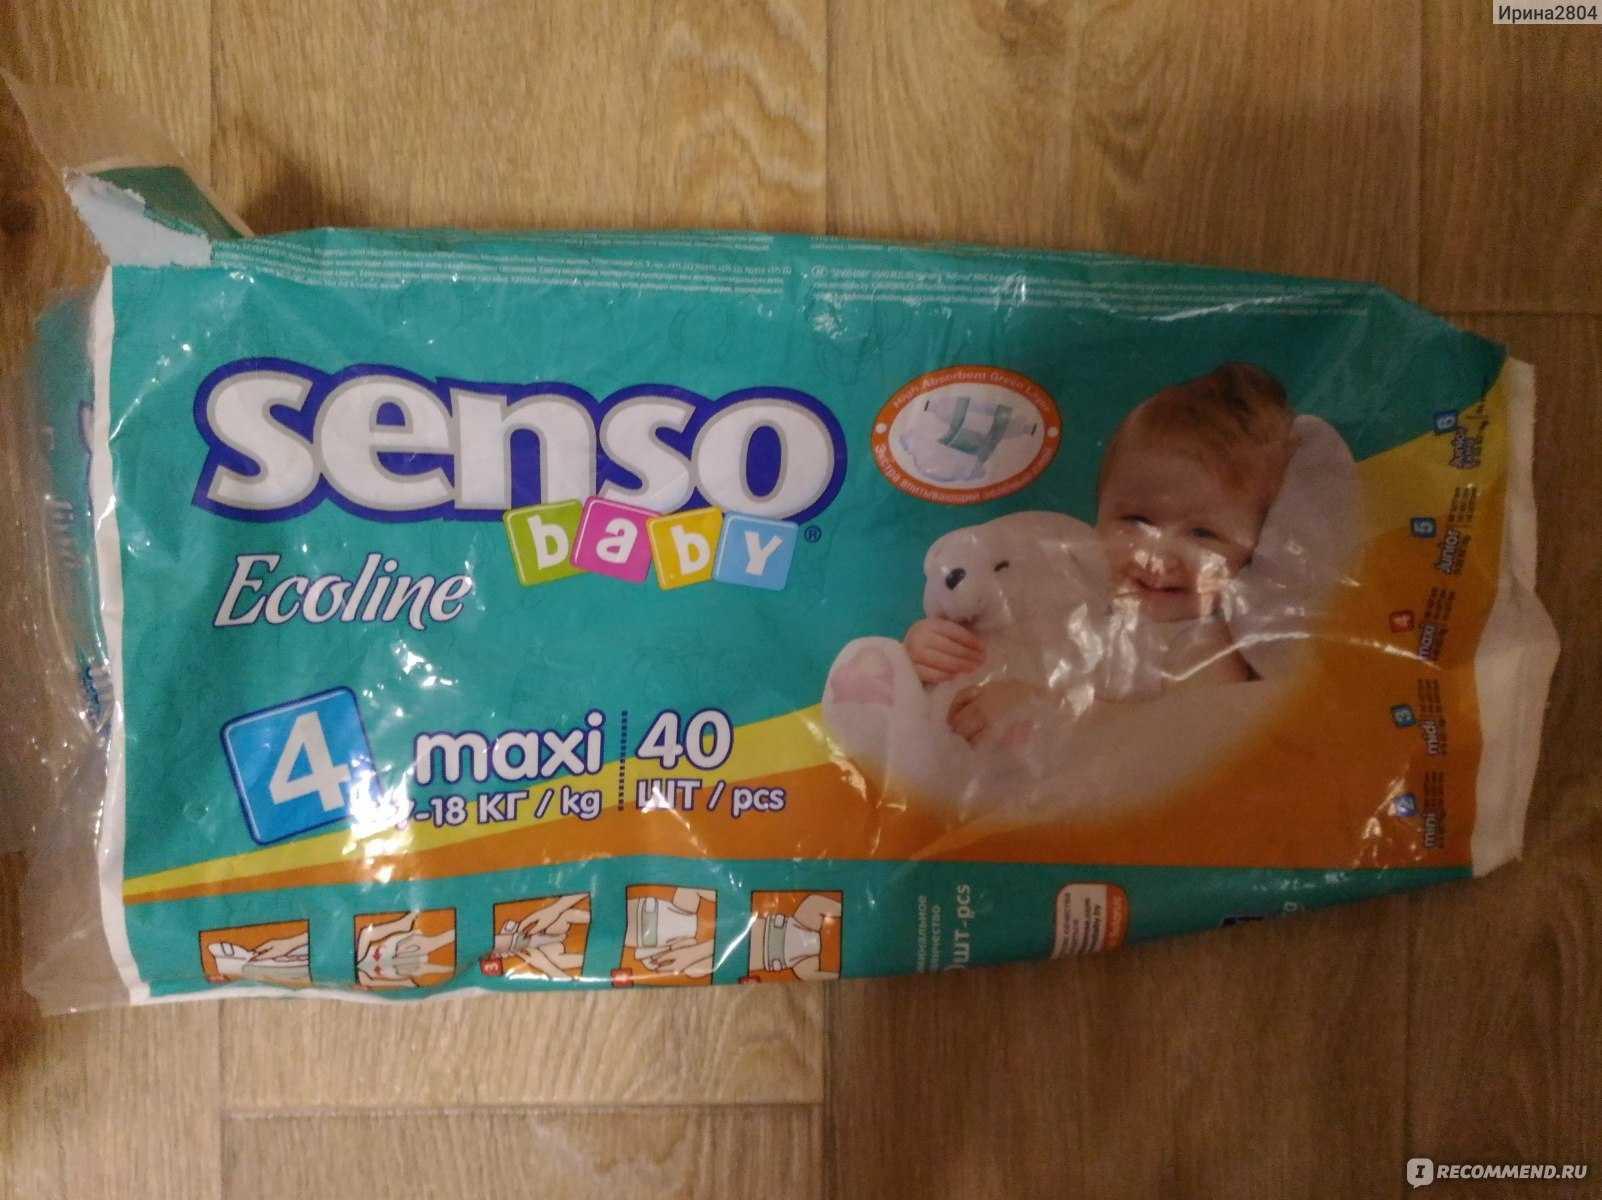 Подгузники senso baby: белорусские памперсы ecoline, отзывы